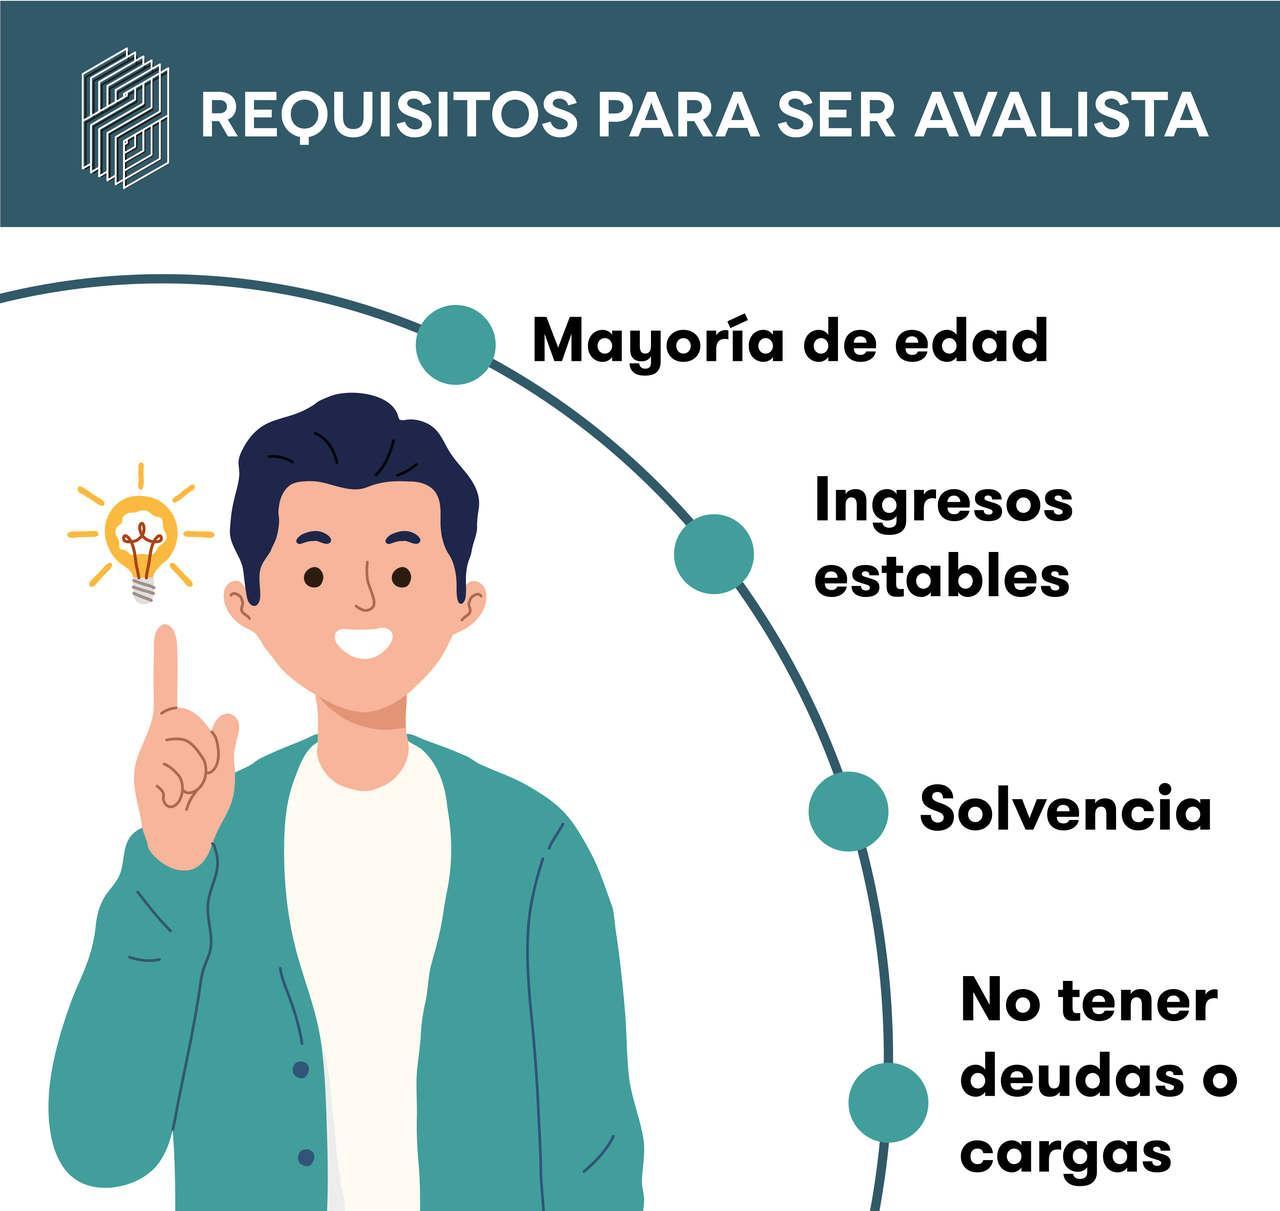 Existen cuatro requisitos principales para ser avalista: ser mayor de edad, tener ingresos estables, ser solvente y no tener deudas o cargas